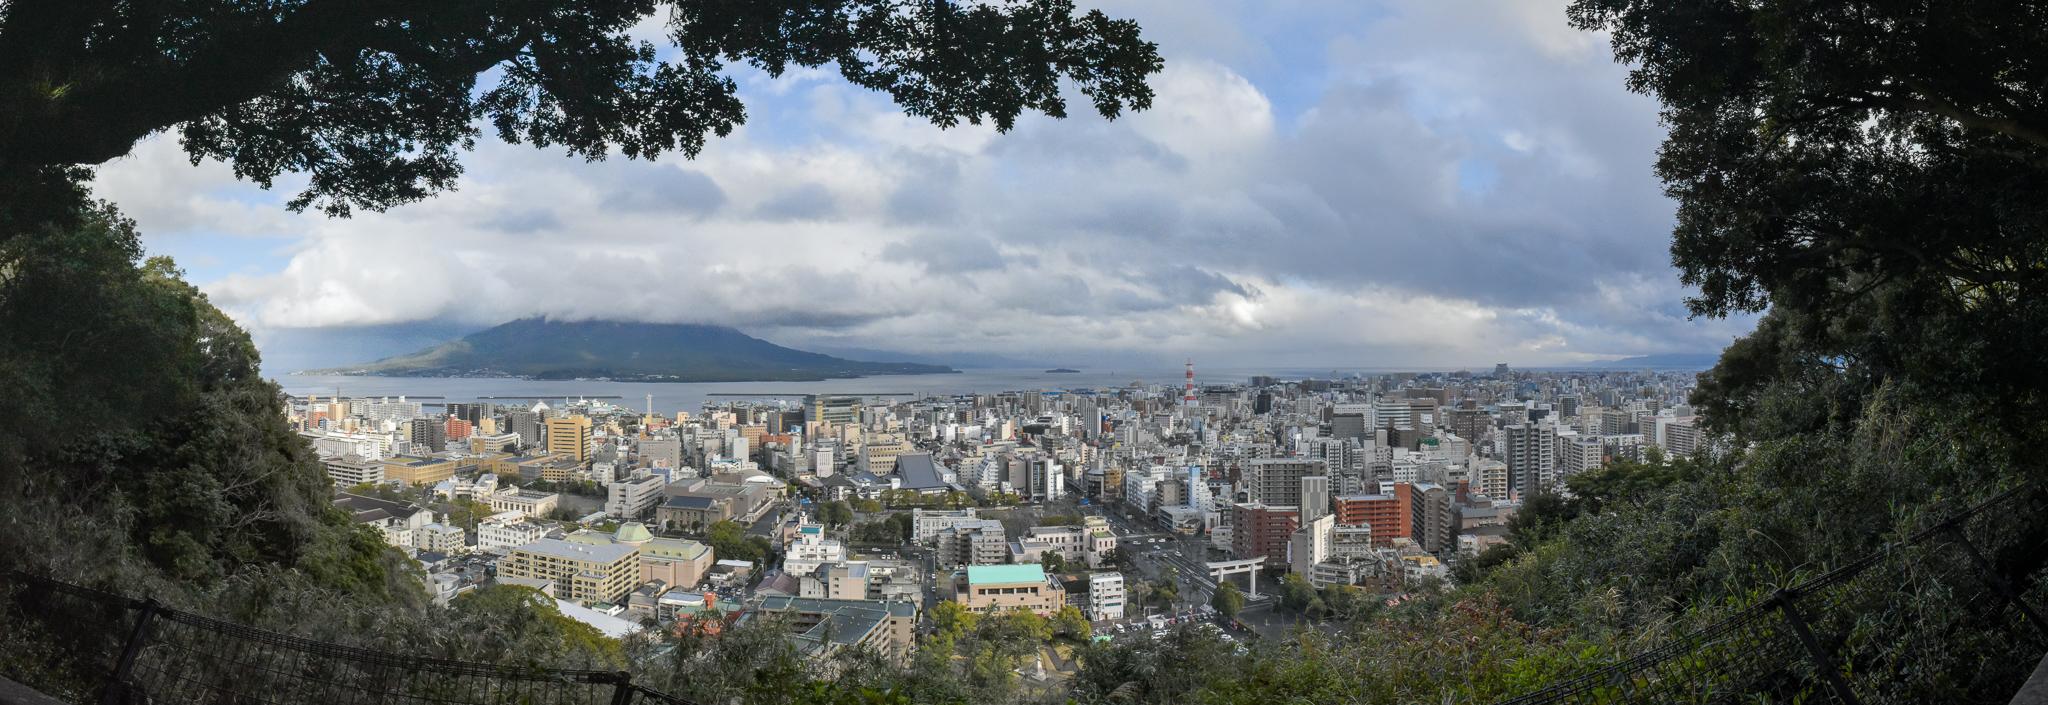 Japon2020-911-Panorama